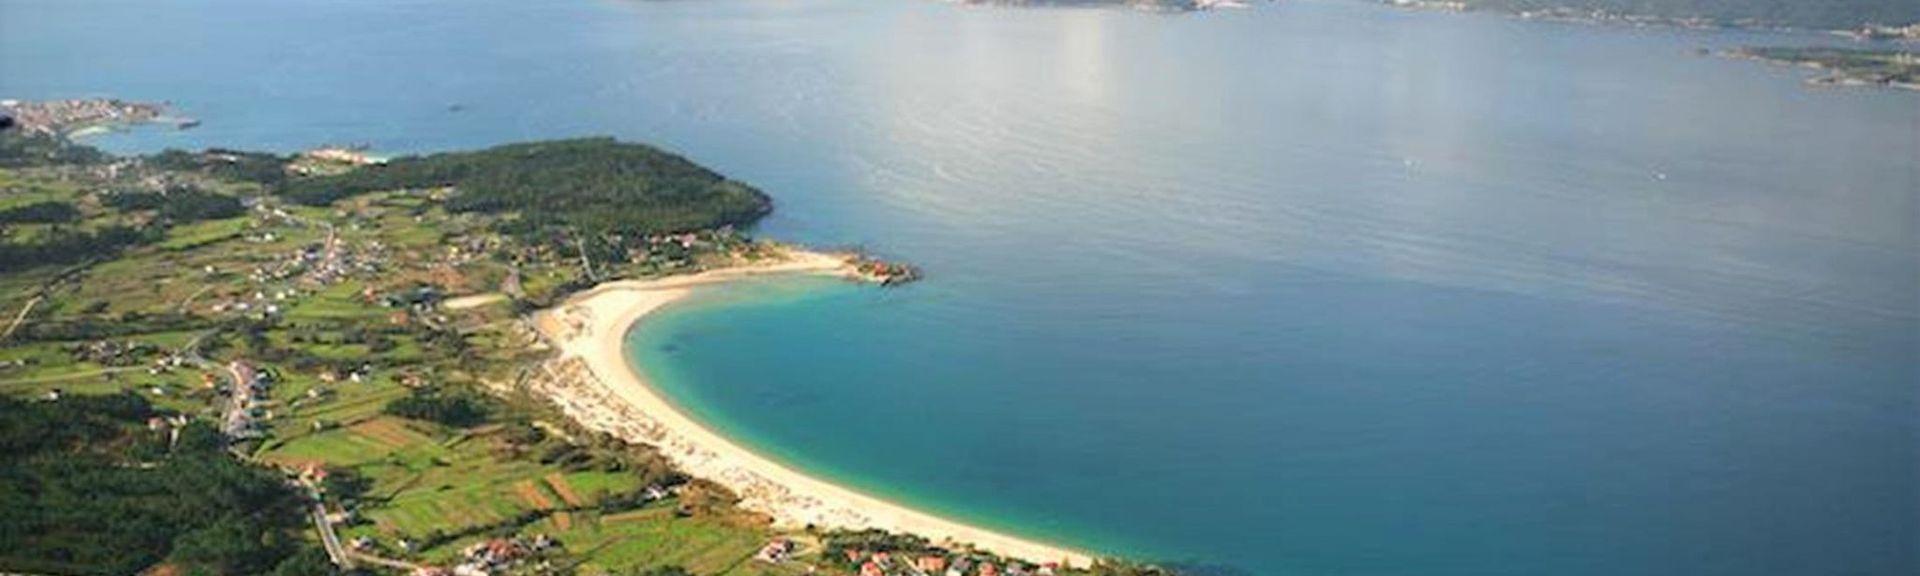 O Sar, Galiza, Espanha